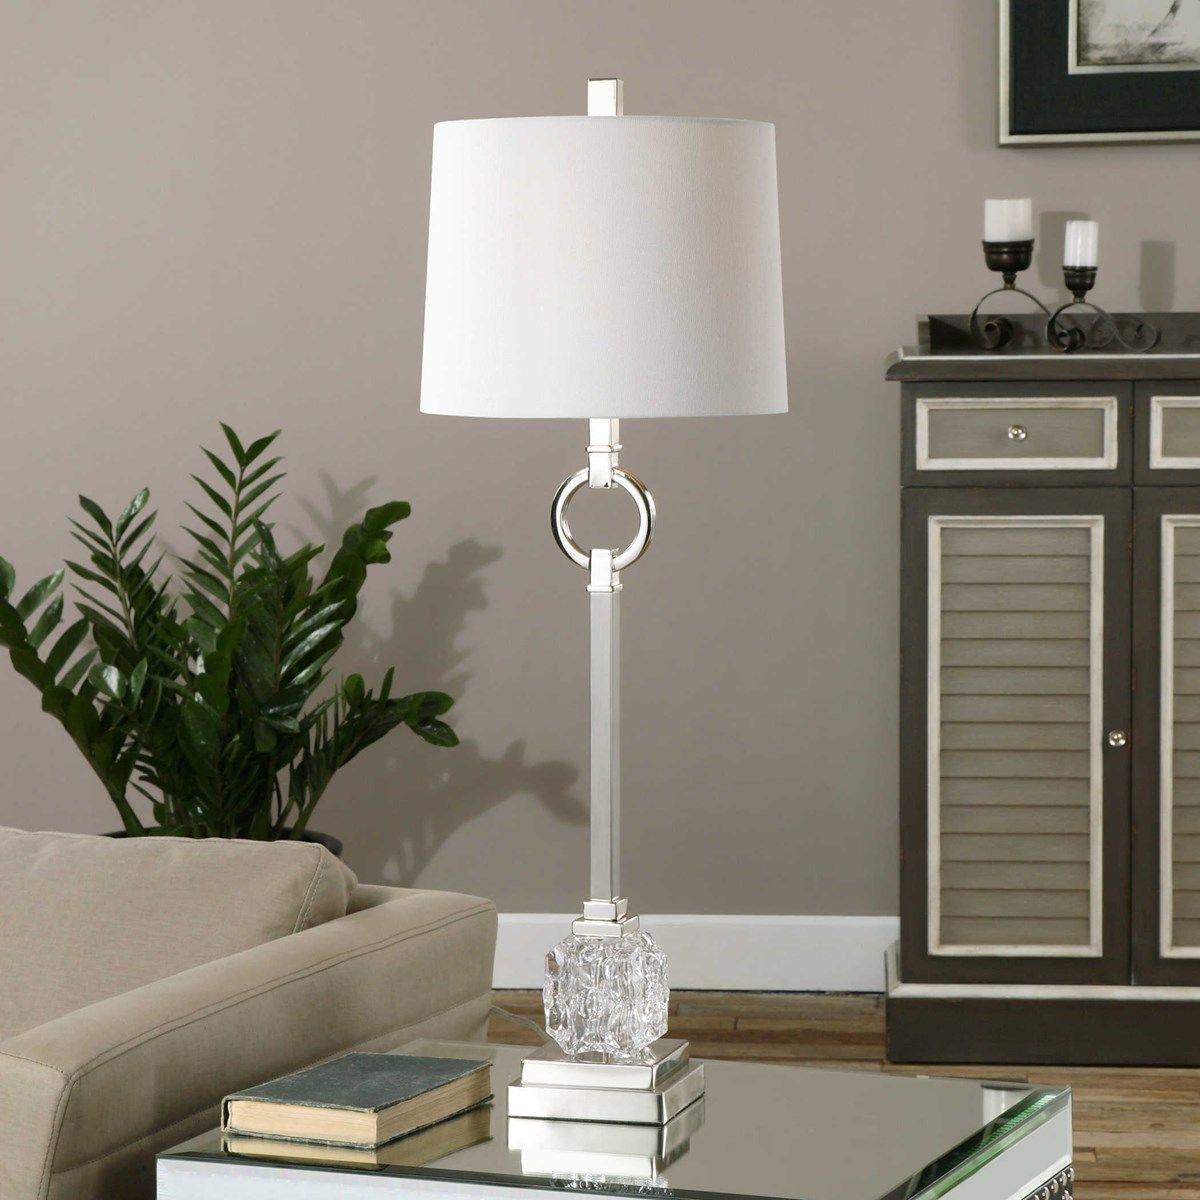 Picture of BORDOLANO BUFFET LAMP